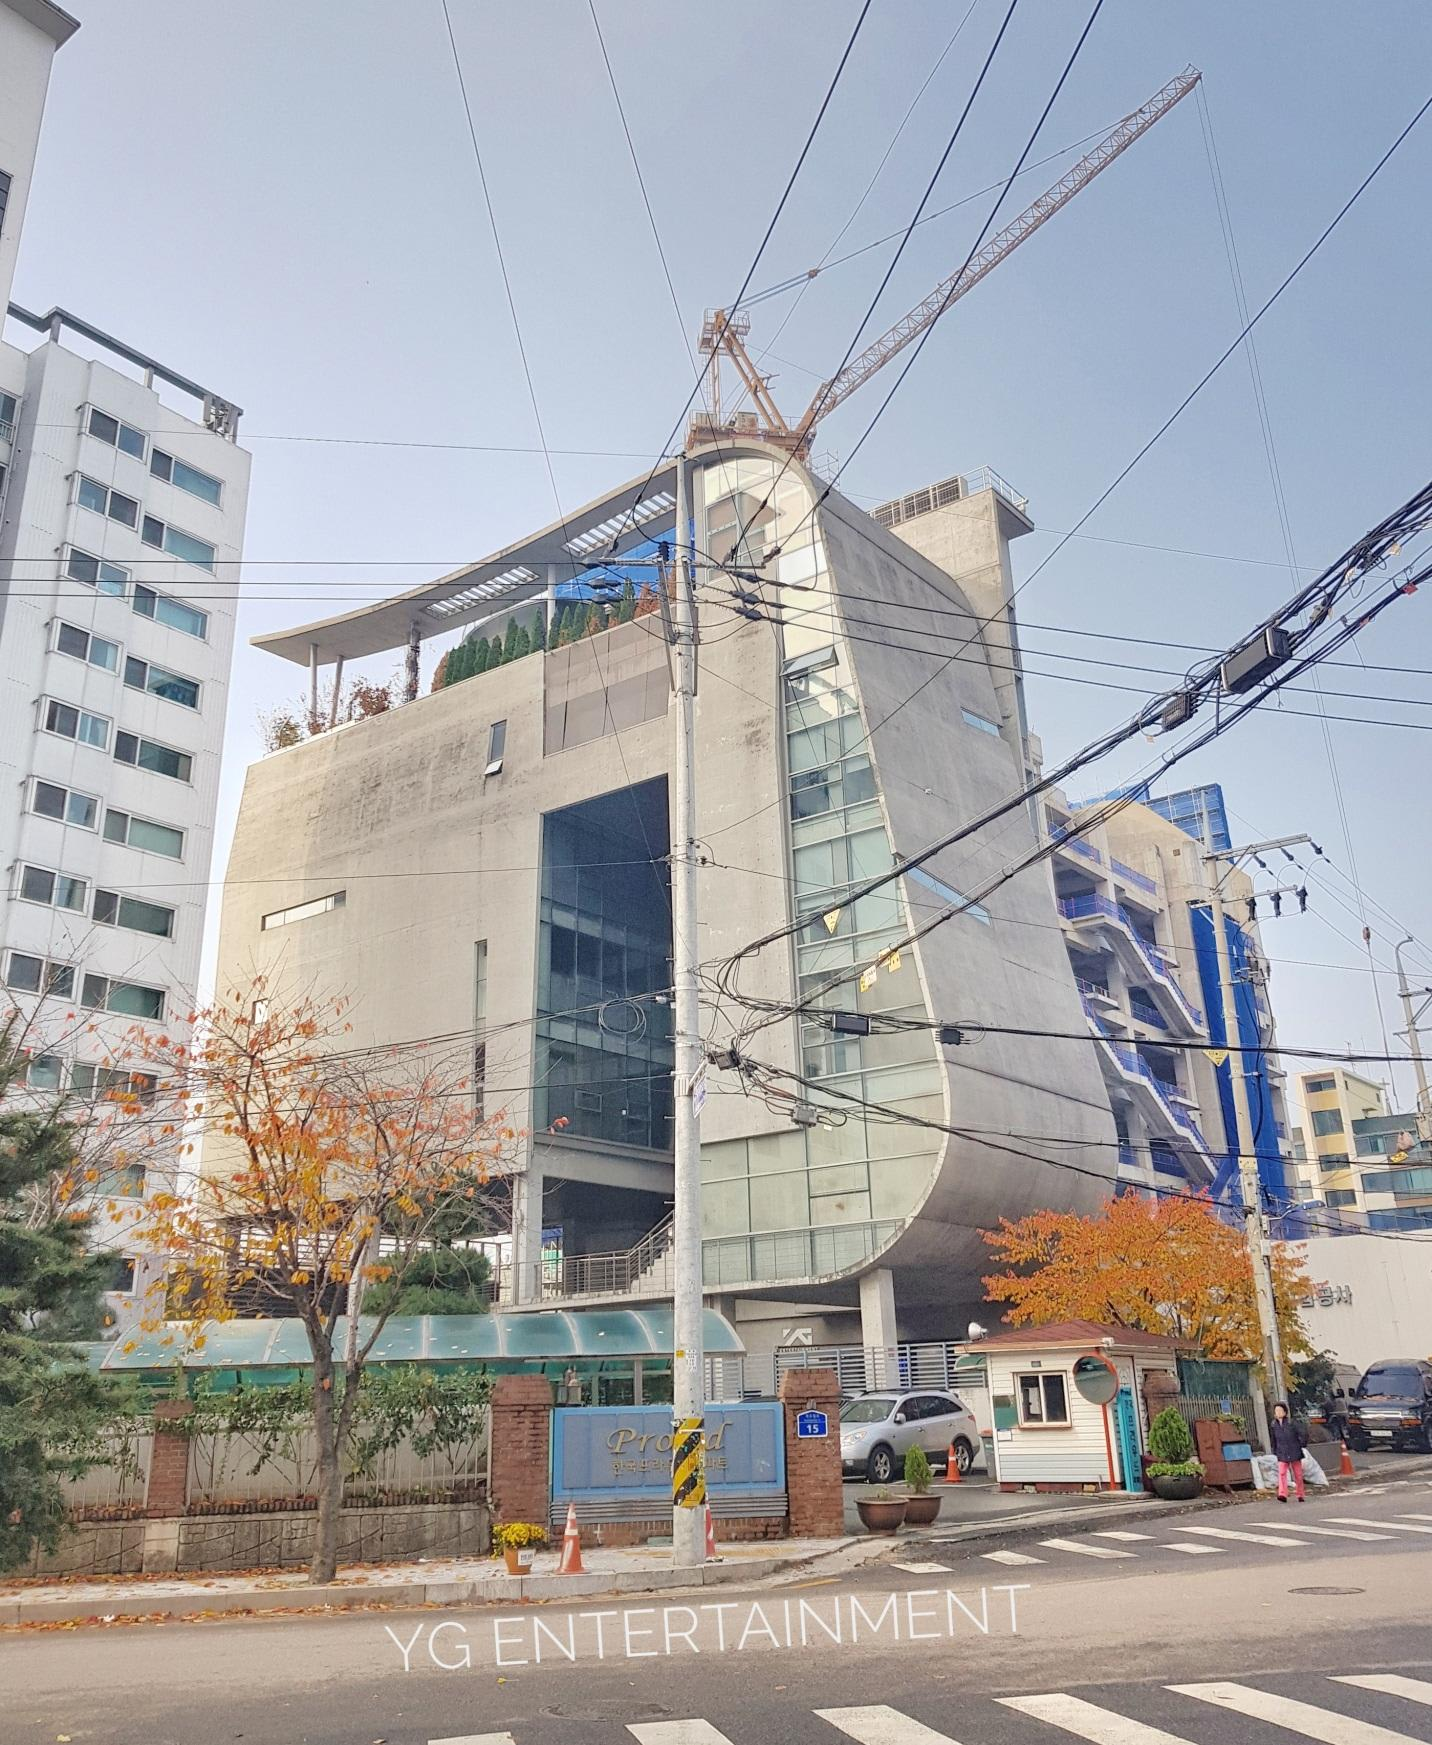 tòa nhà YG Entertainment